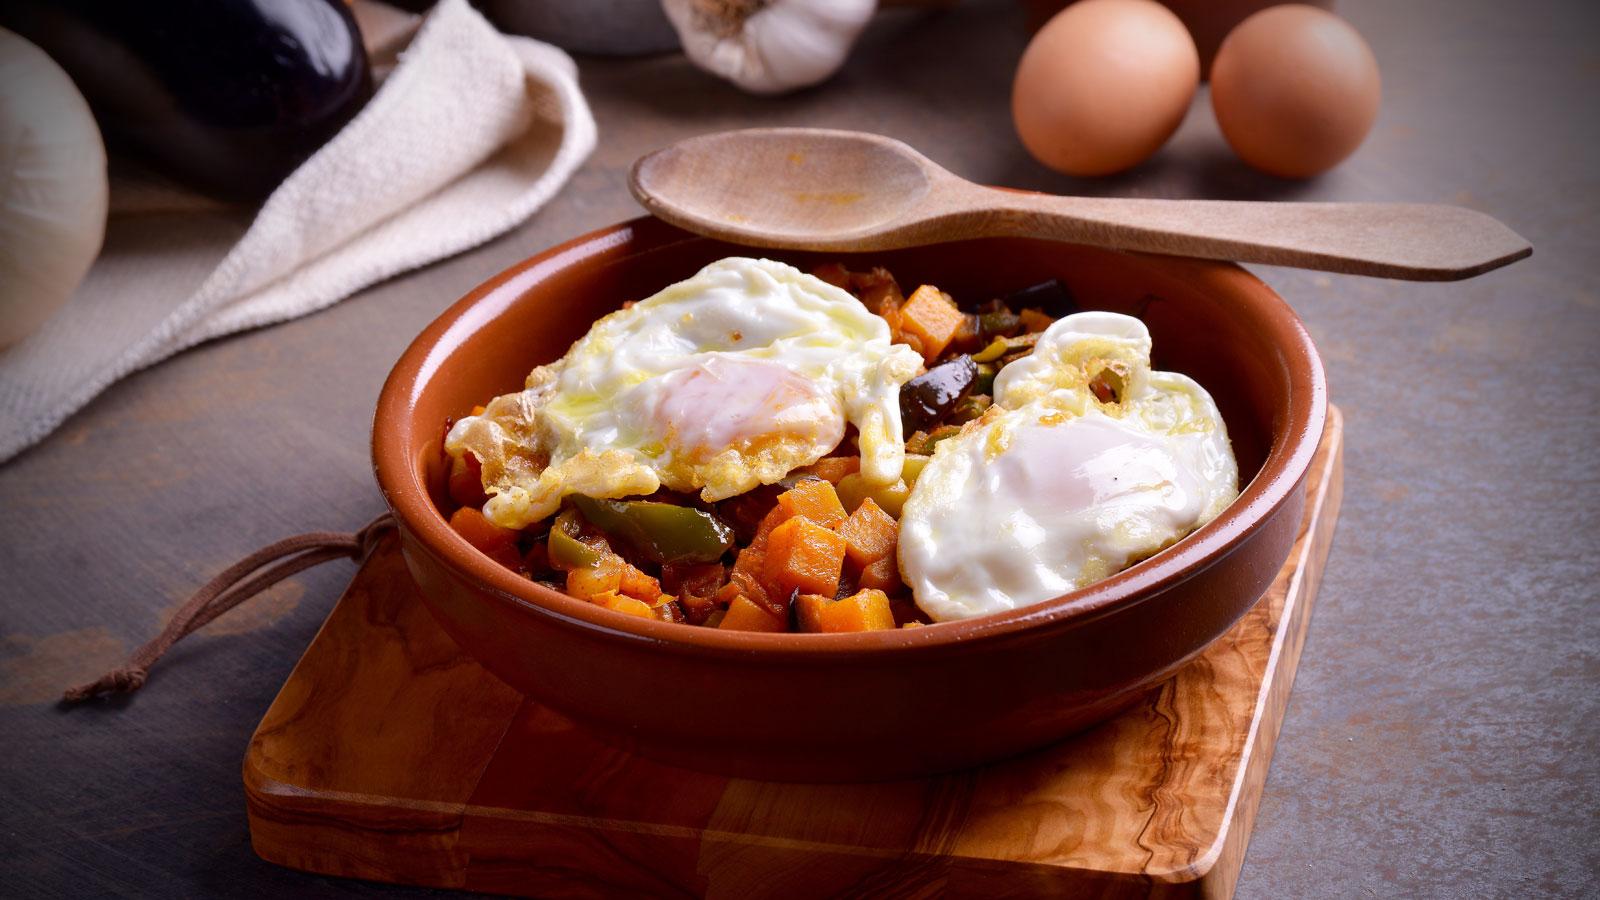 Alboron a con huevos fritos hermana mar a jos receta canal cocina - Divinos pucheros maria jose ...